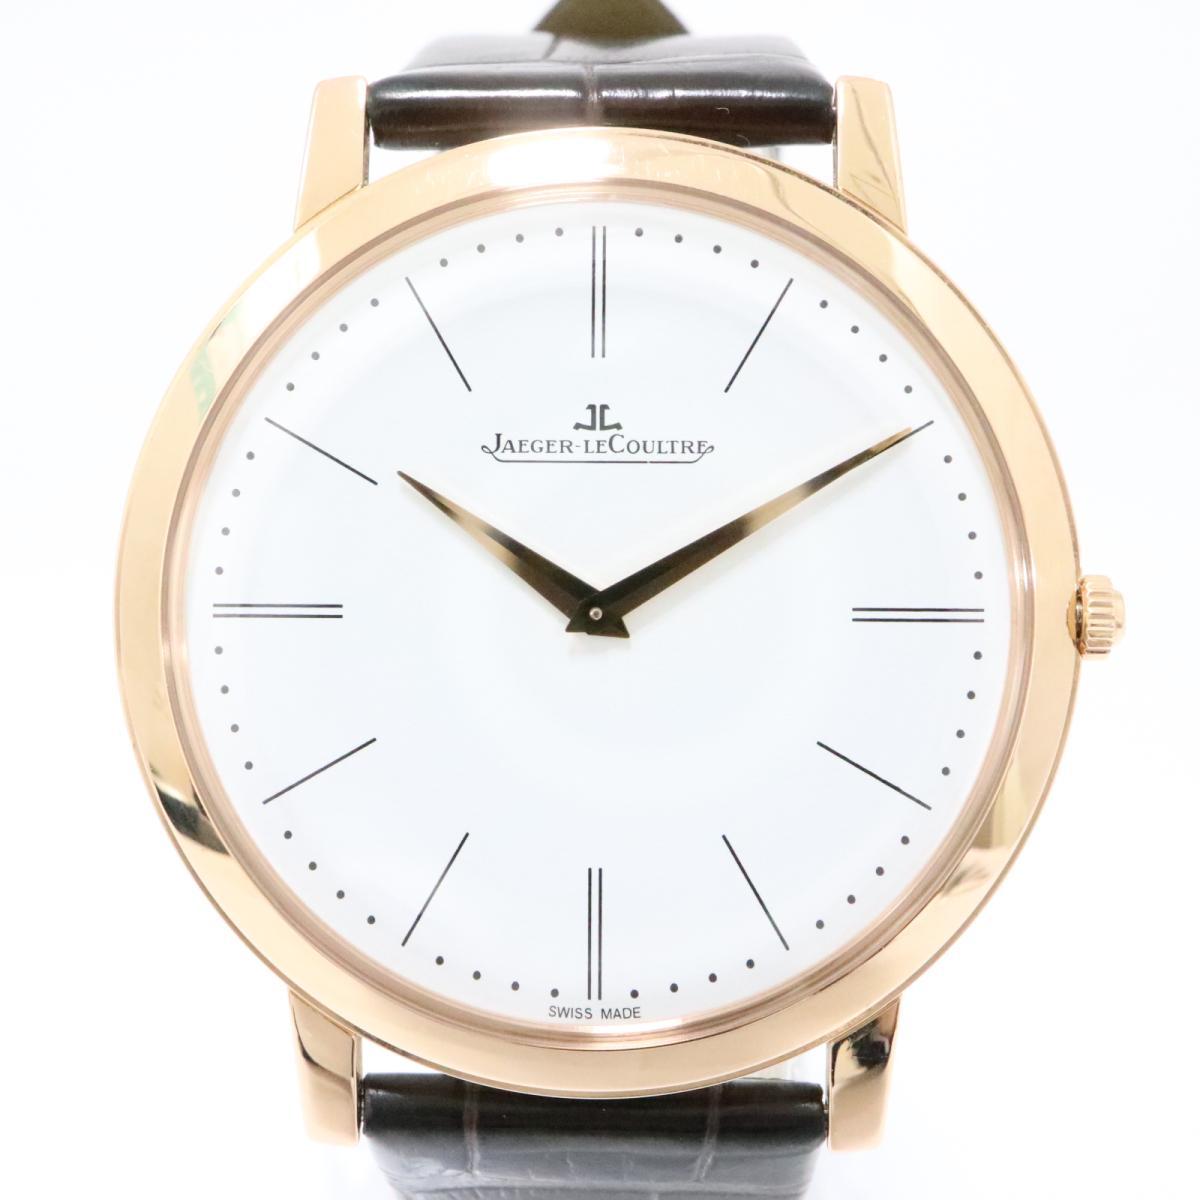 JAEGER-LE COULTRE 時計 Q1292520 マスターウルトラスリム ウォッチ 腕時計/お買い得